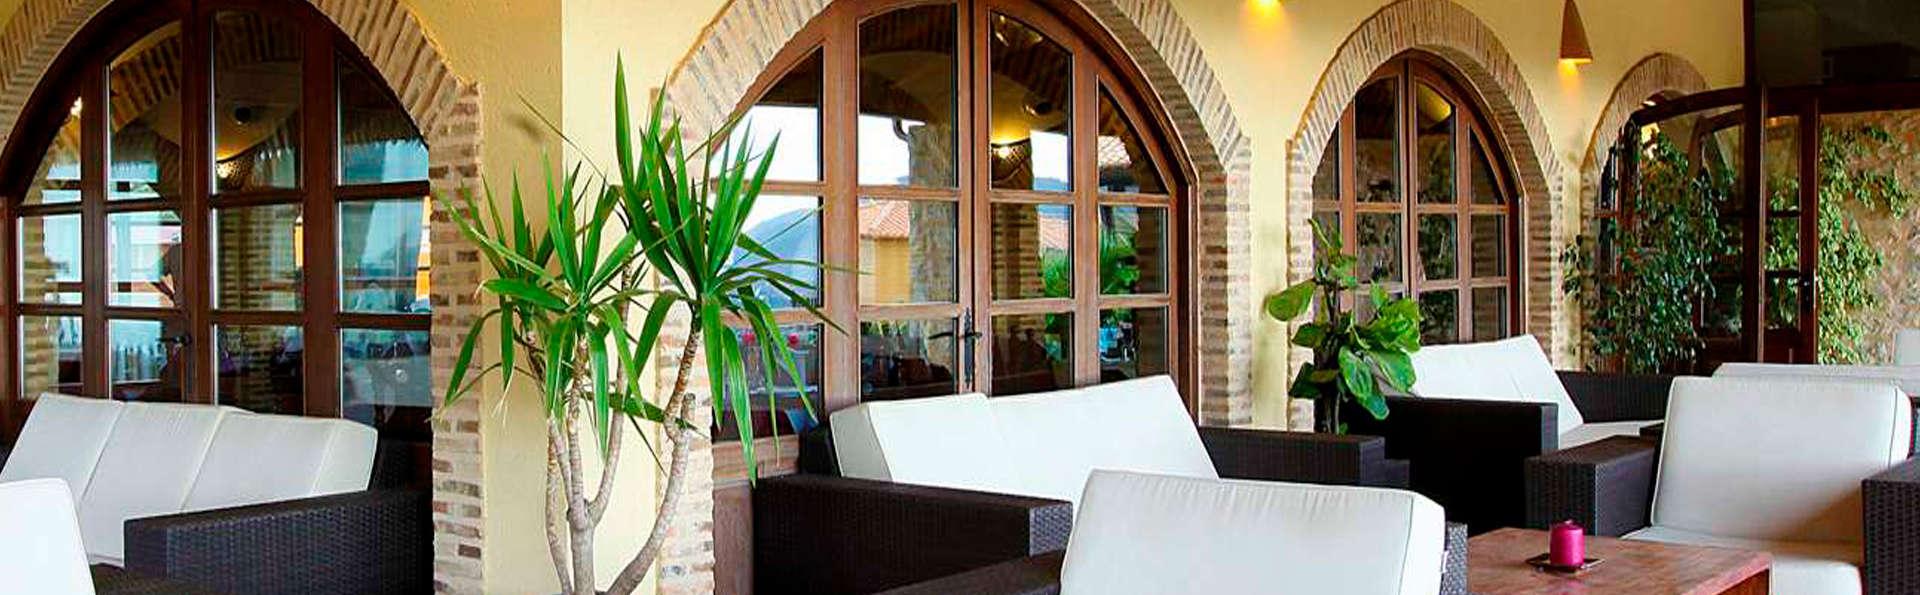 Hotel Alahuar - edit_terrace2.jpg